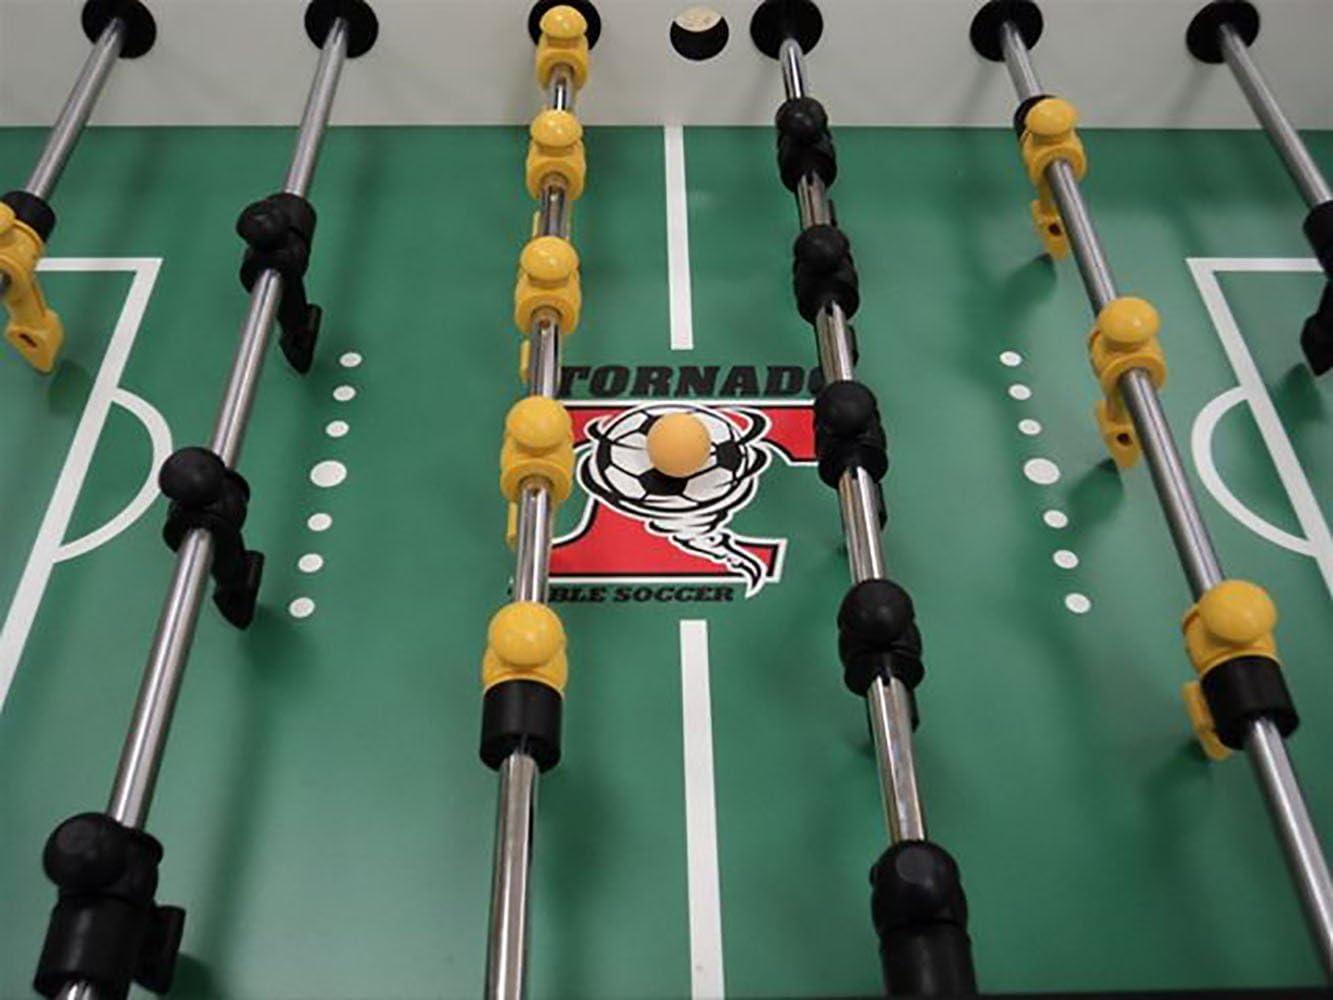 Tornado T-3000 futbolín mesa con 1-man portero: Amazon.es: Juguetes y juegos